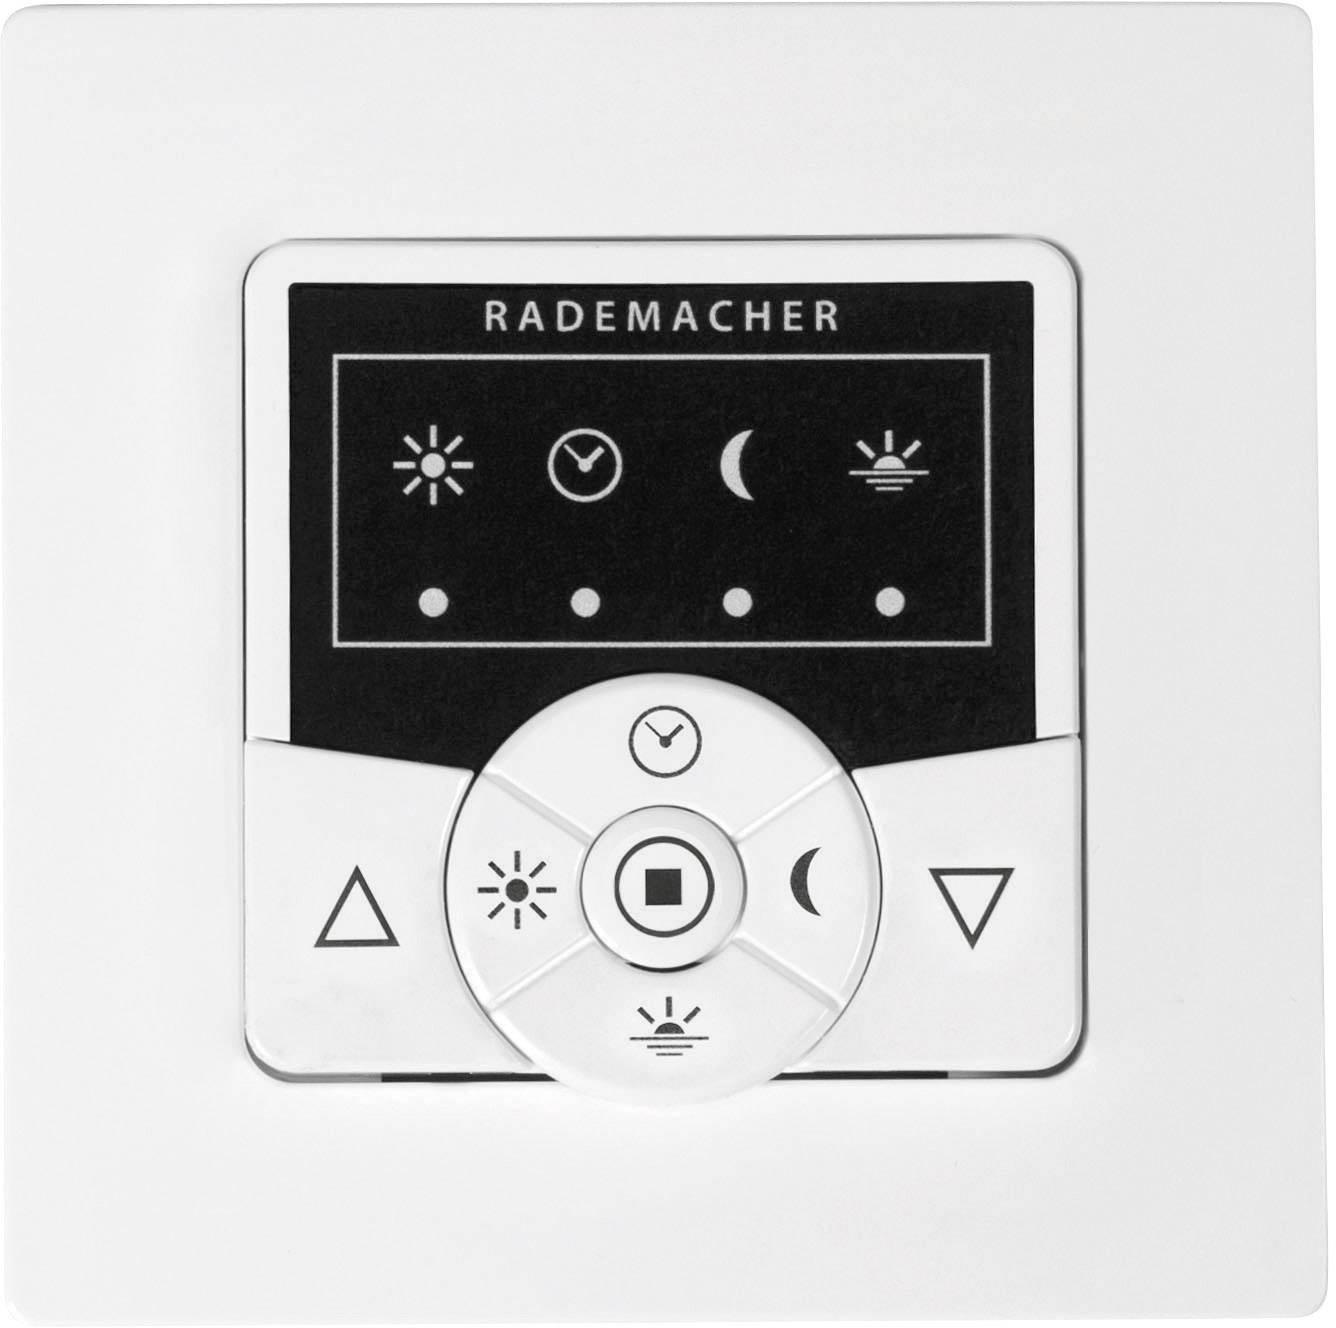 Bezdrôtový vypínač pod omietku WR Rademacher Rademacher DuoFern Troll Basis DuoFern UW 5615 36500172